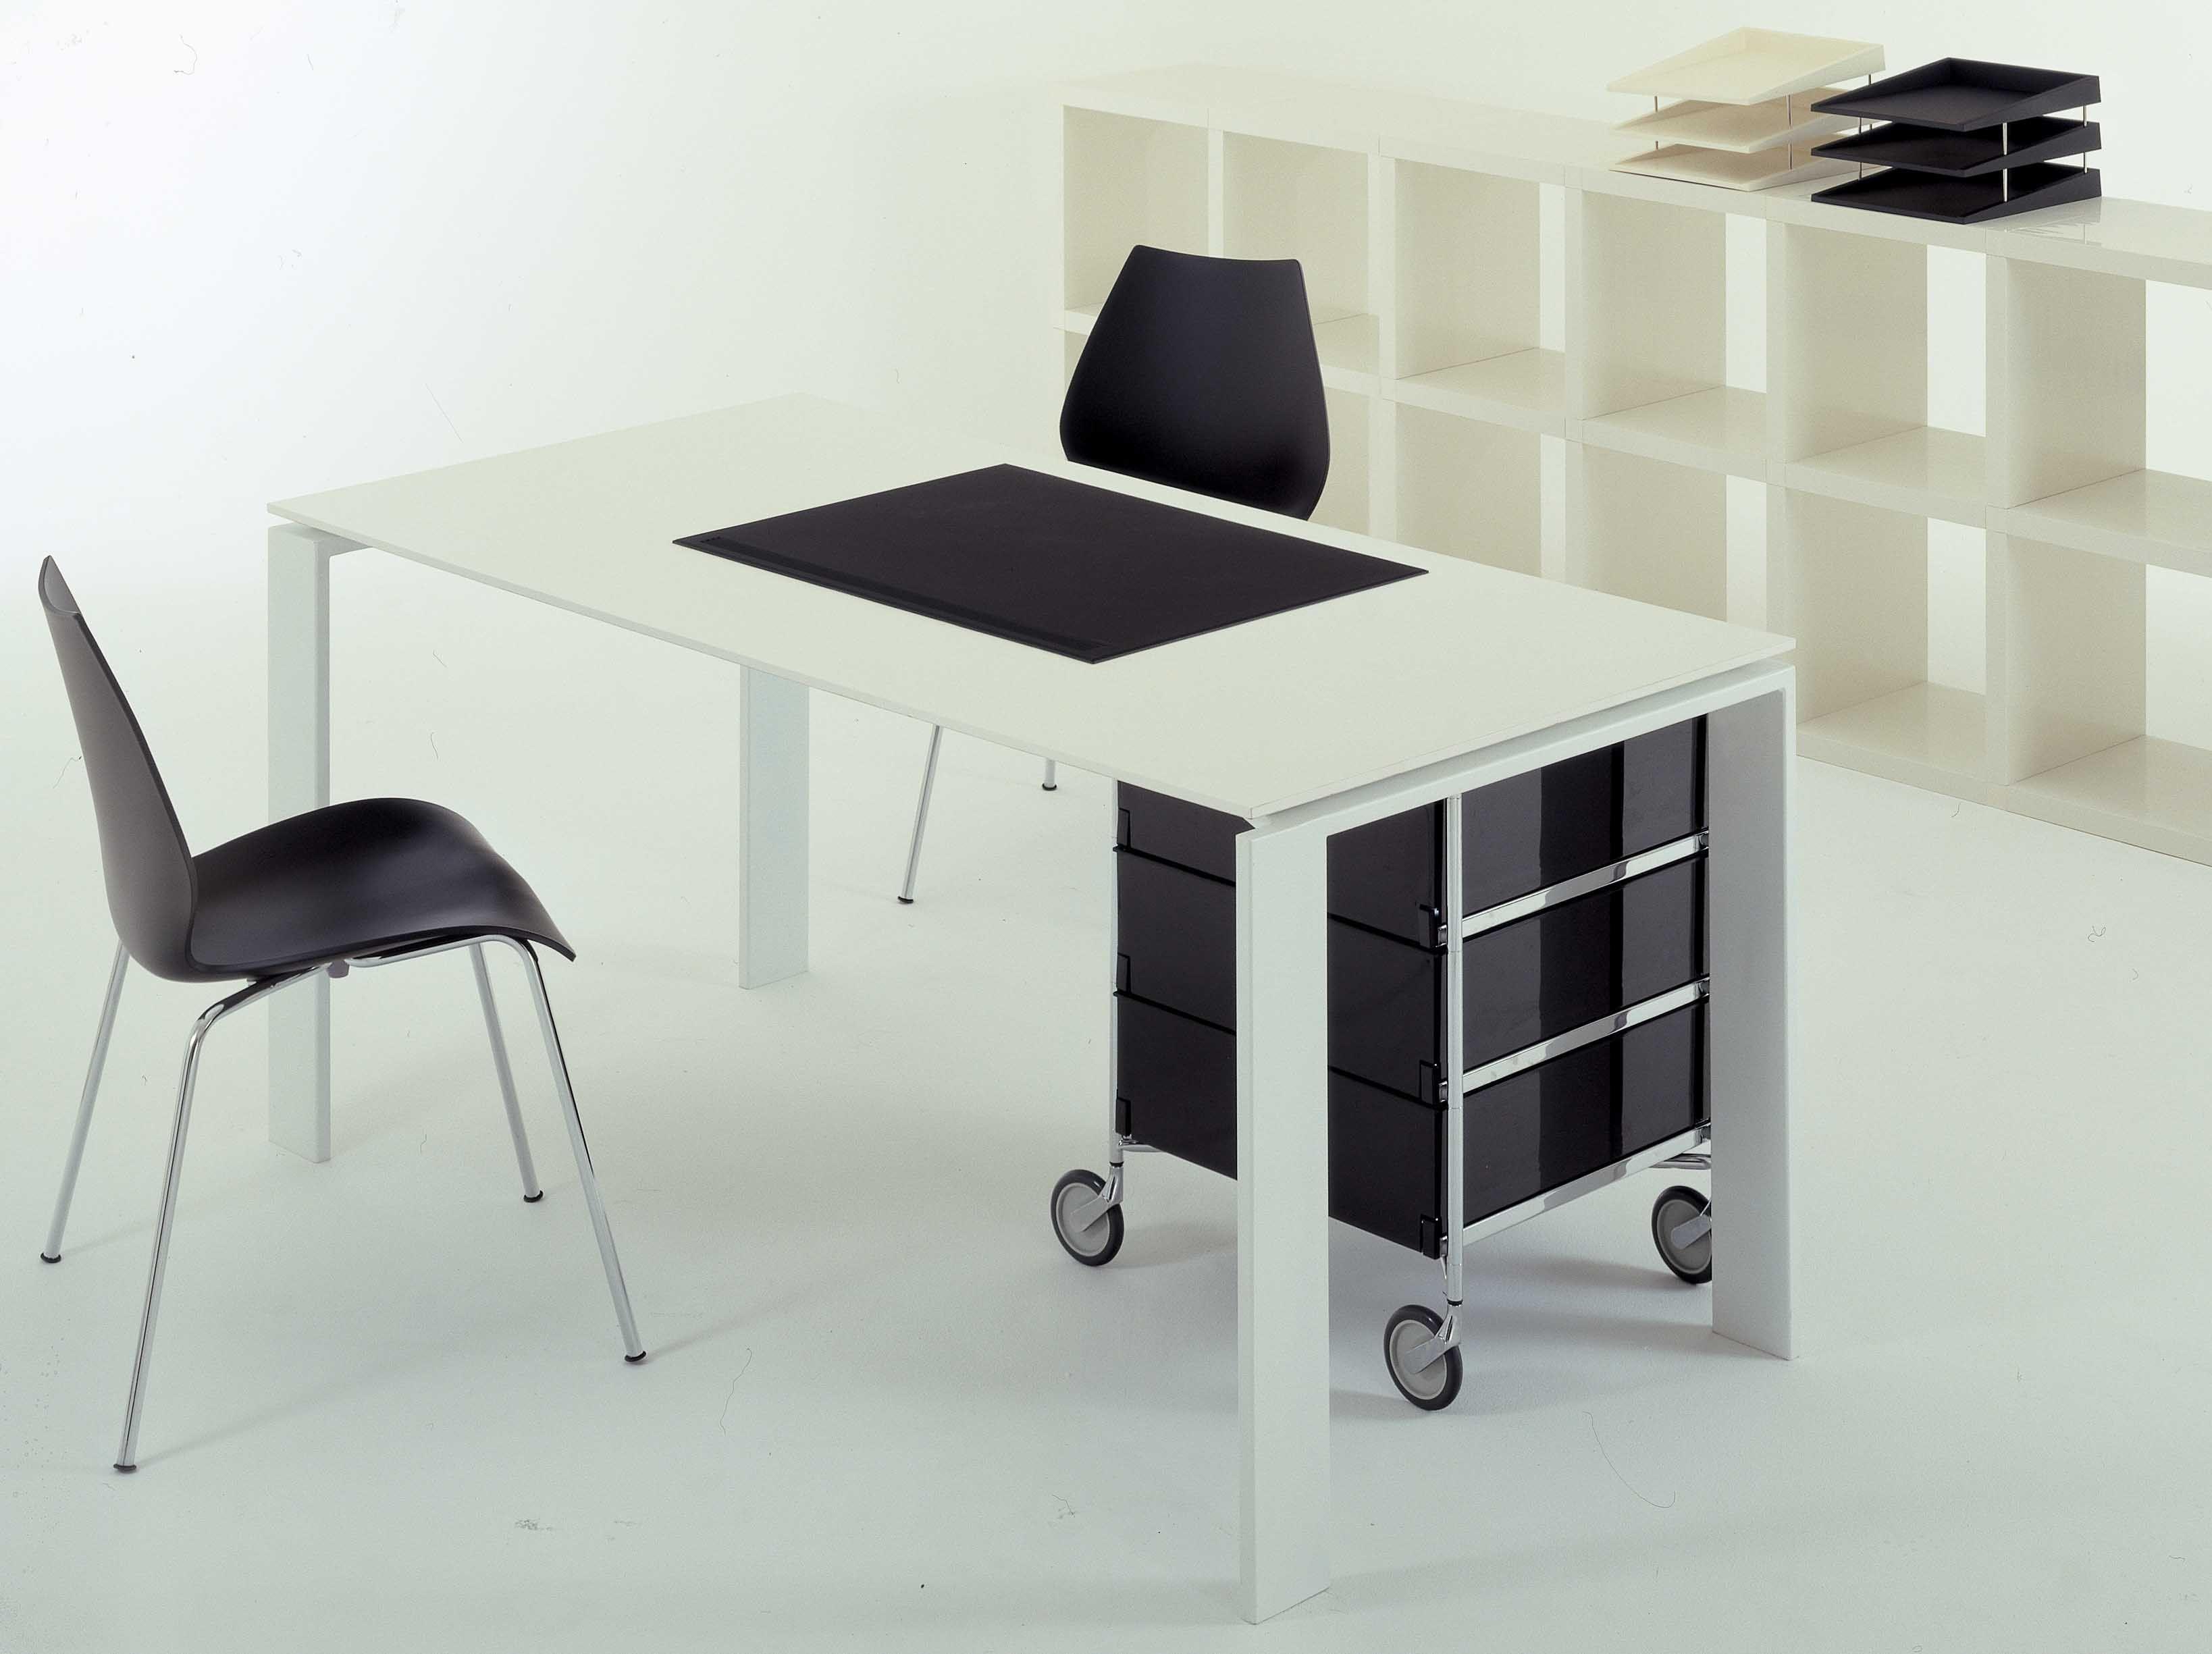 Chaise empilable maui plastique pieds m tal blanc zinc kartell for Chaise empilable plastique